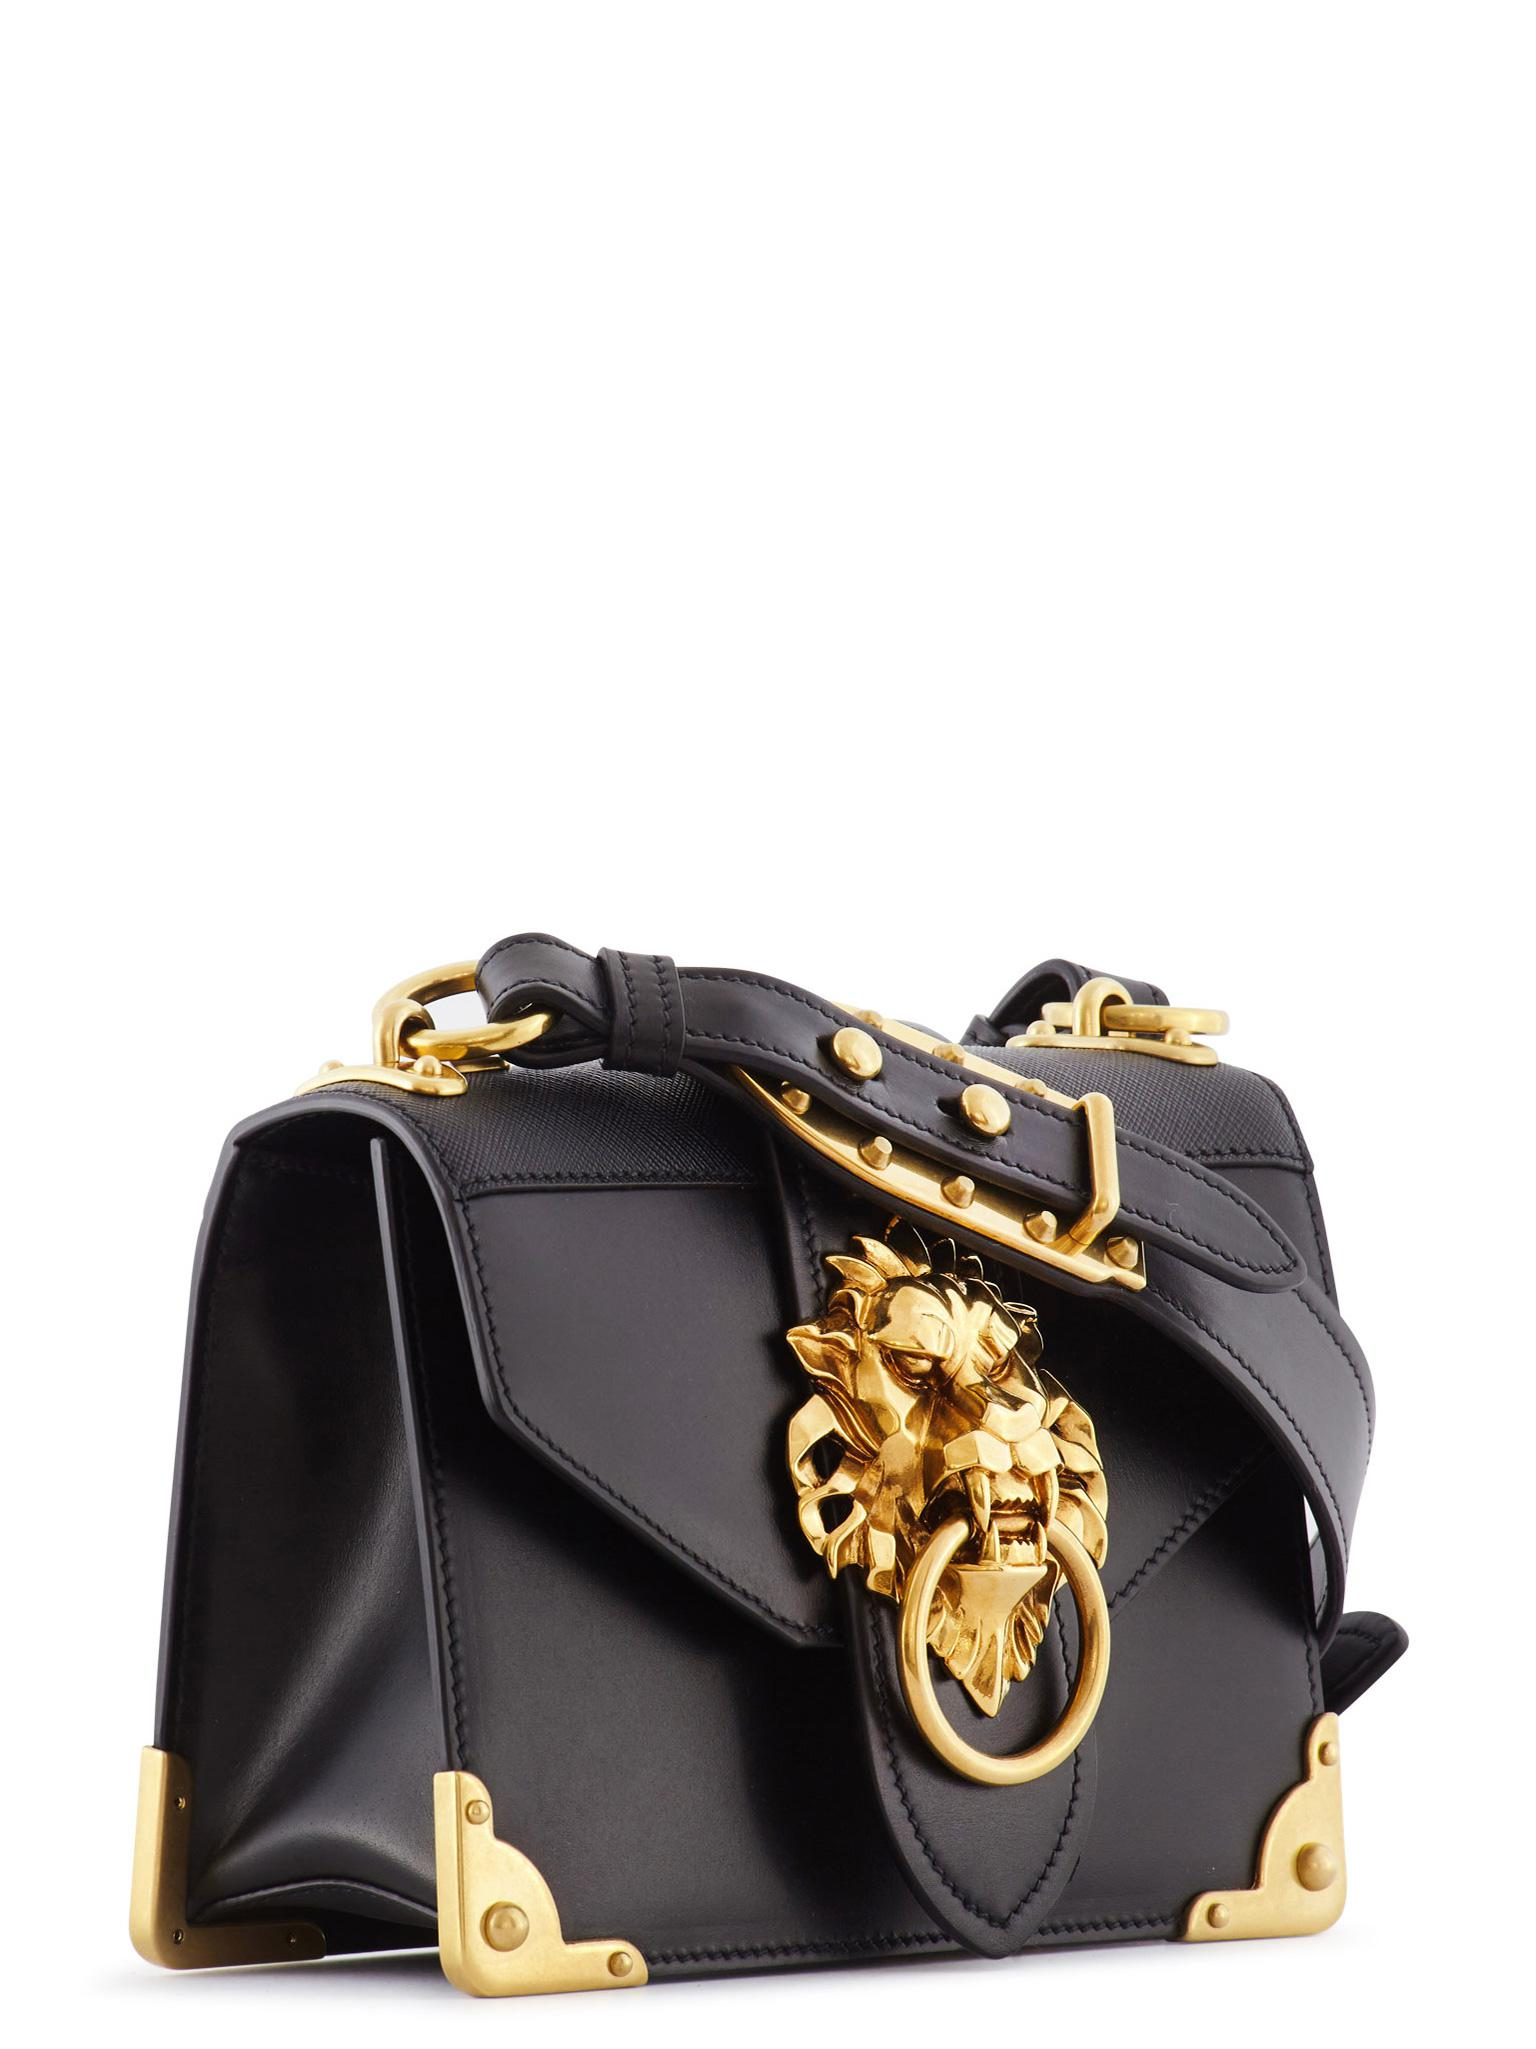 4ec0065cb969 ... norway lyst prada cahier lion head leather bag in black 2fce8 7a408